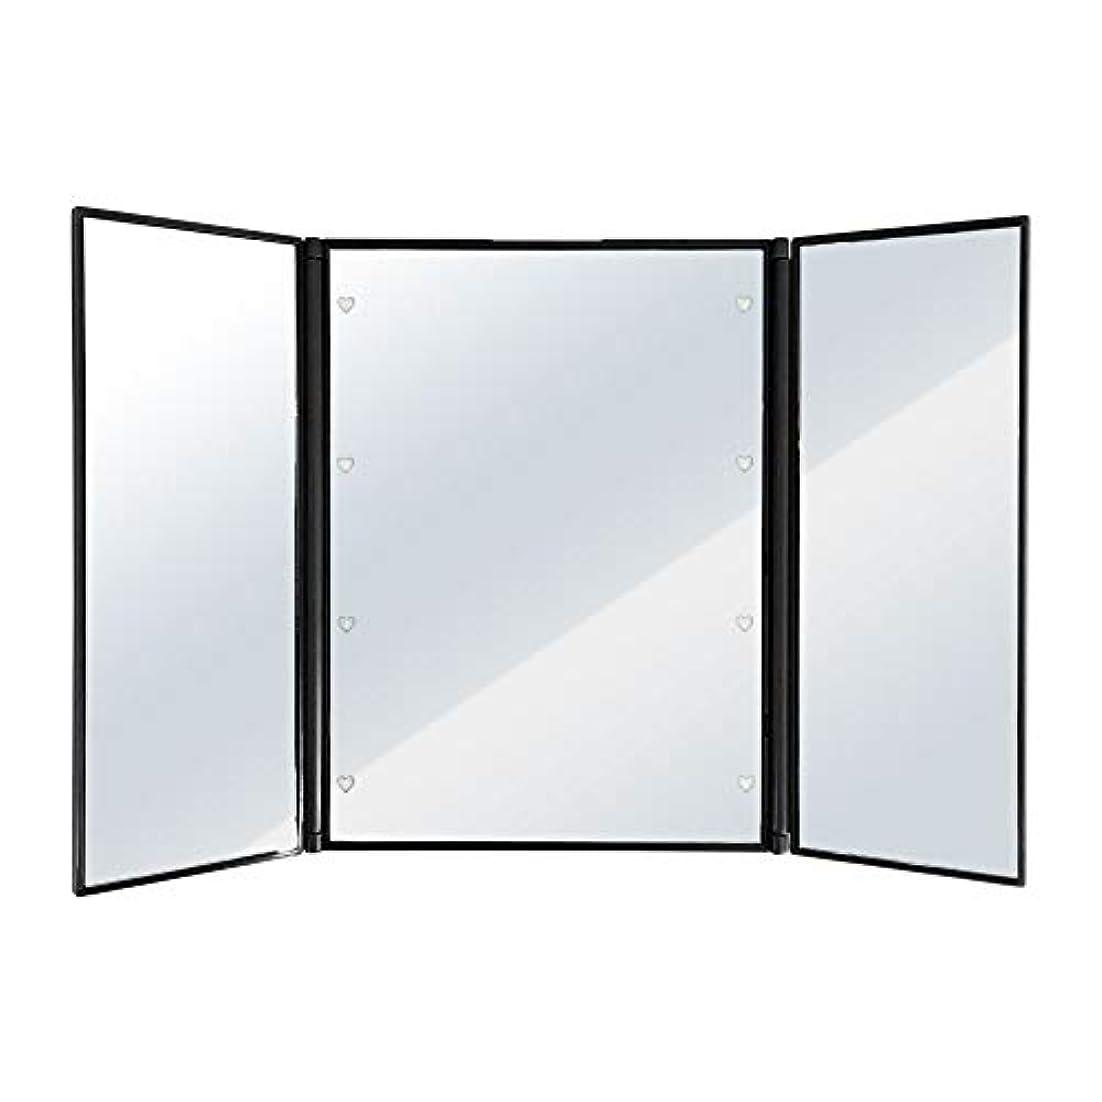 保有者アレルギー性冷凍庫SUGGEST 卓上ミラー LEDライト付 【選べるカラー】 化粧鏡 三面鏡 ビューティーミラー (ブラック)